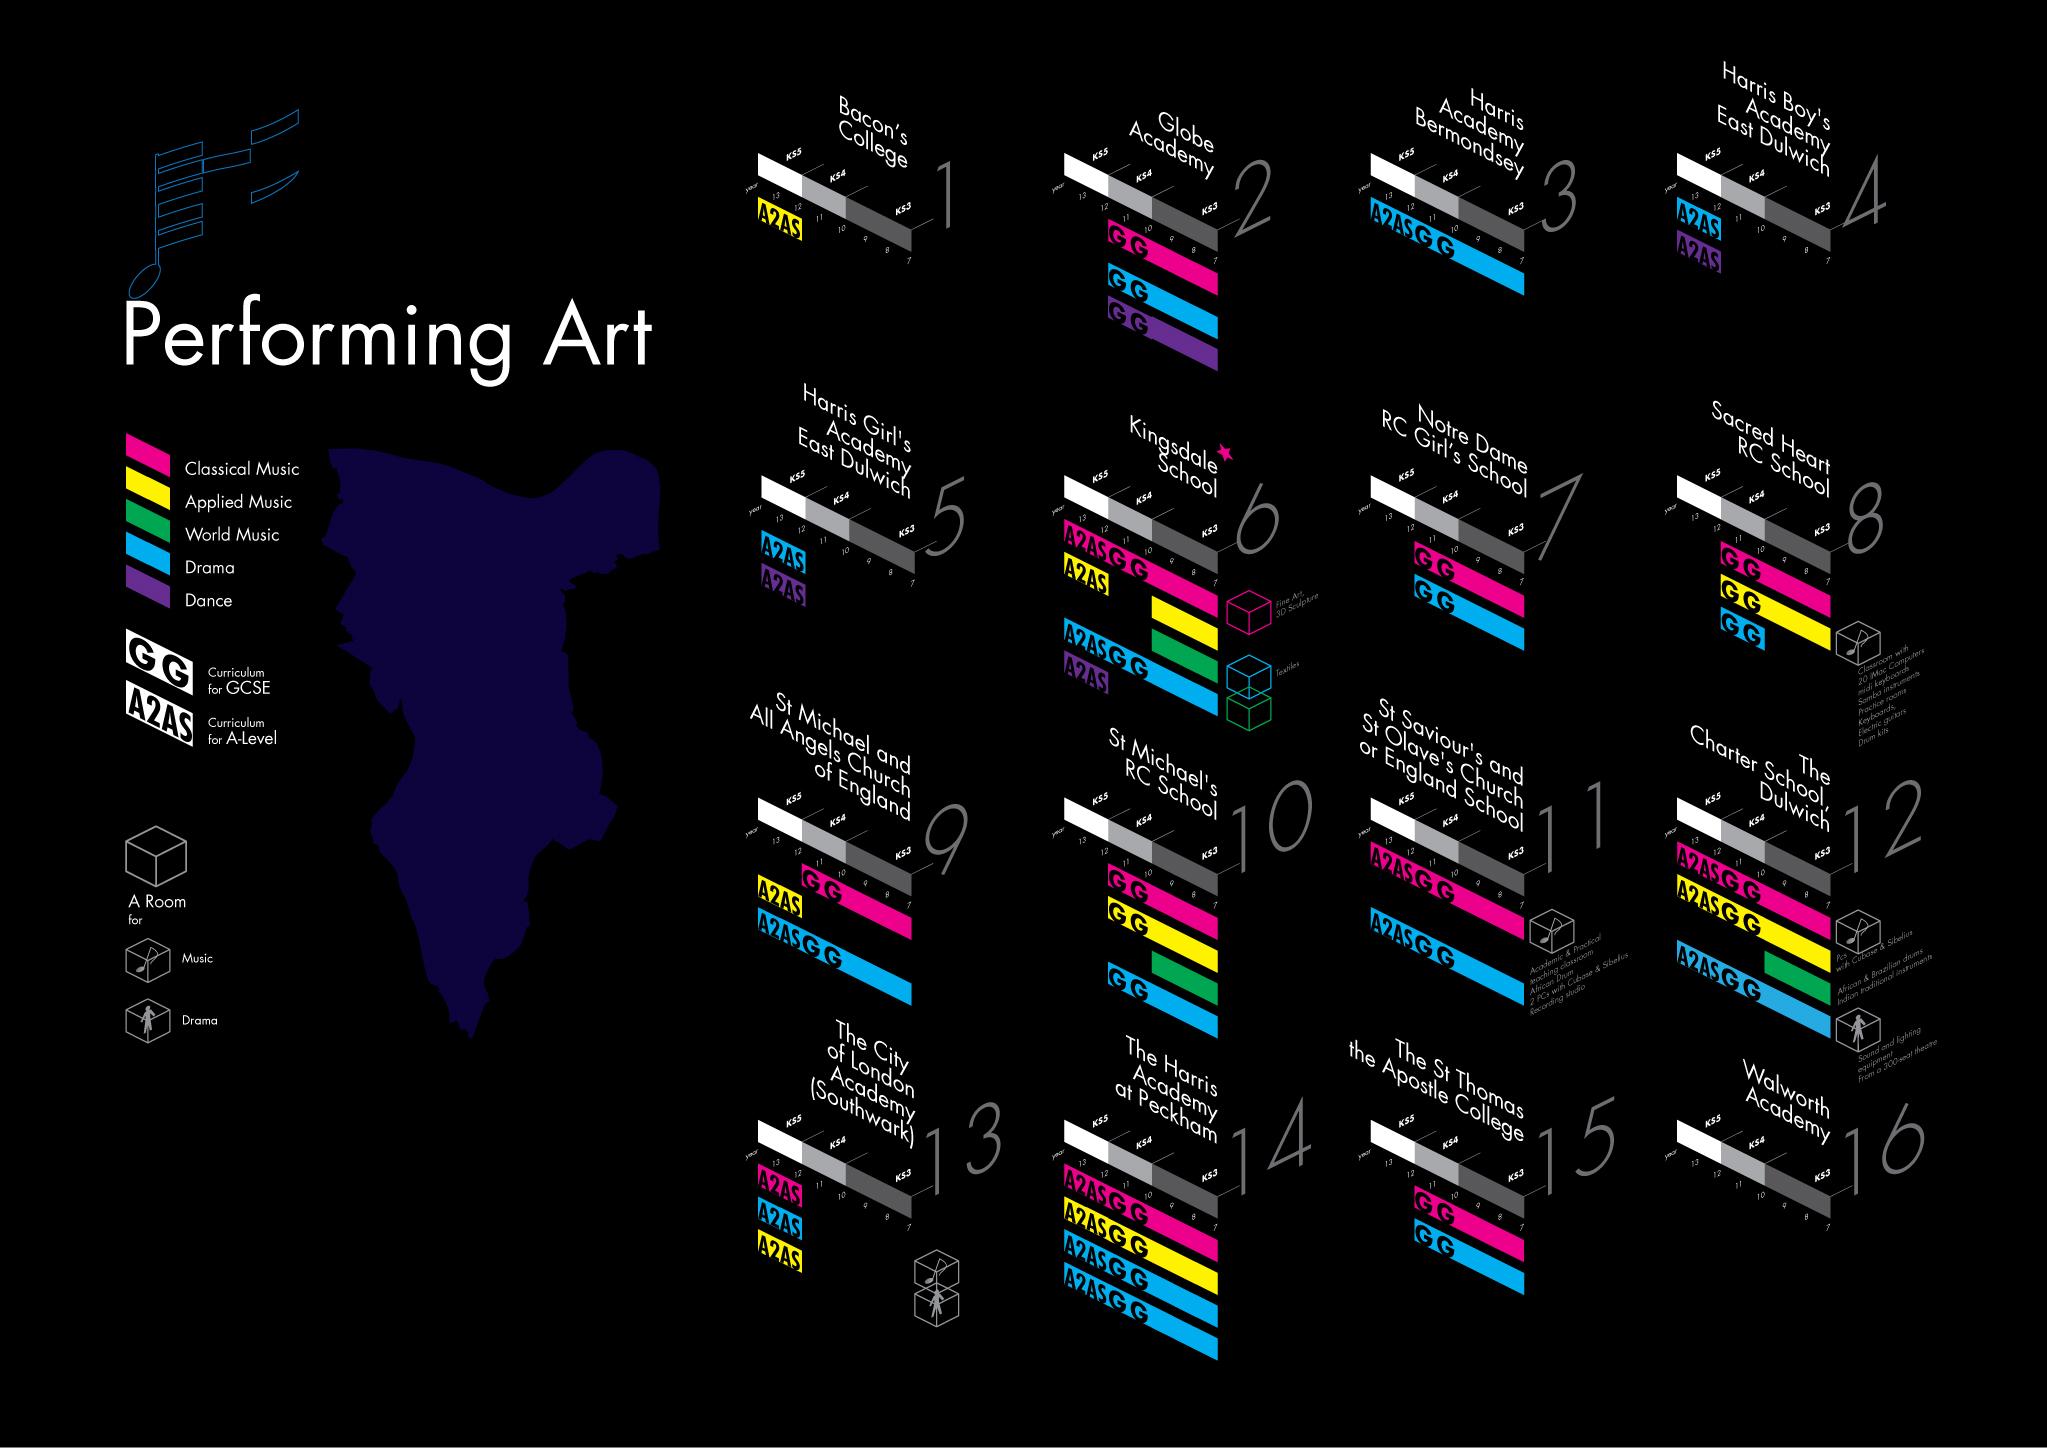 Performing-Art